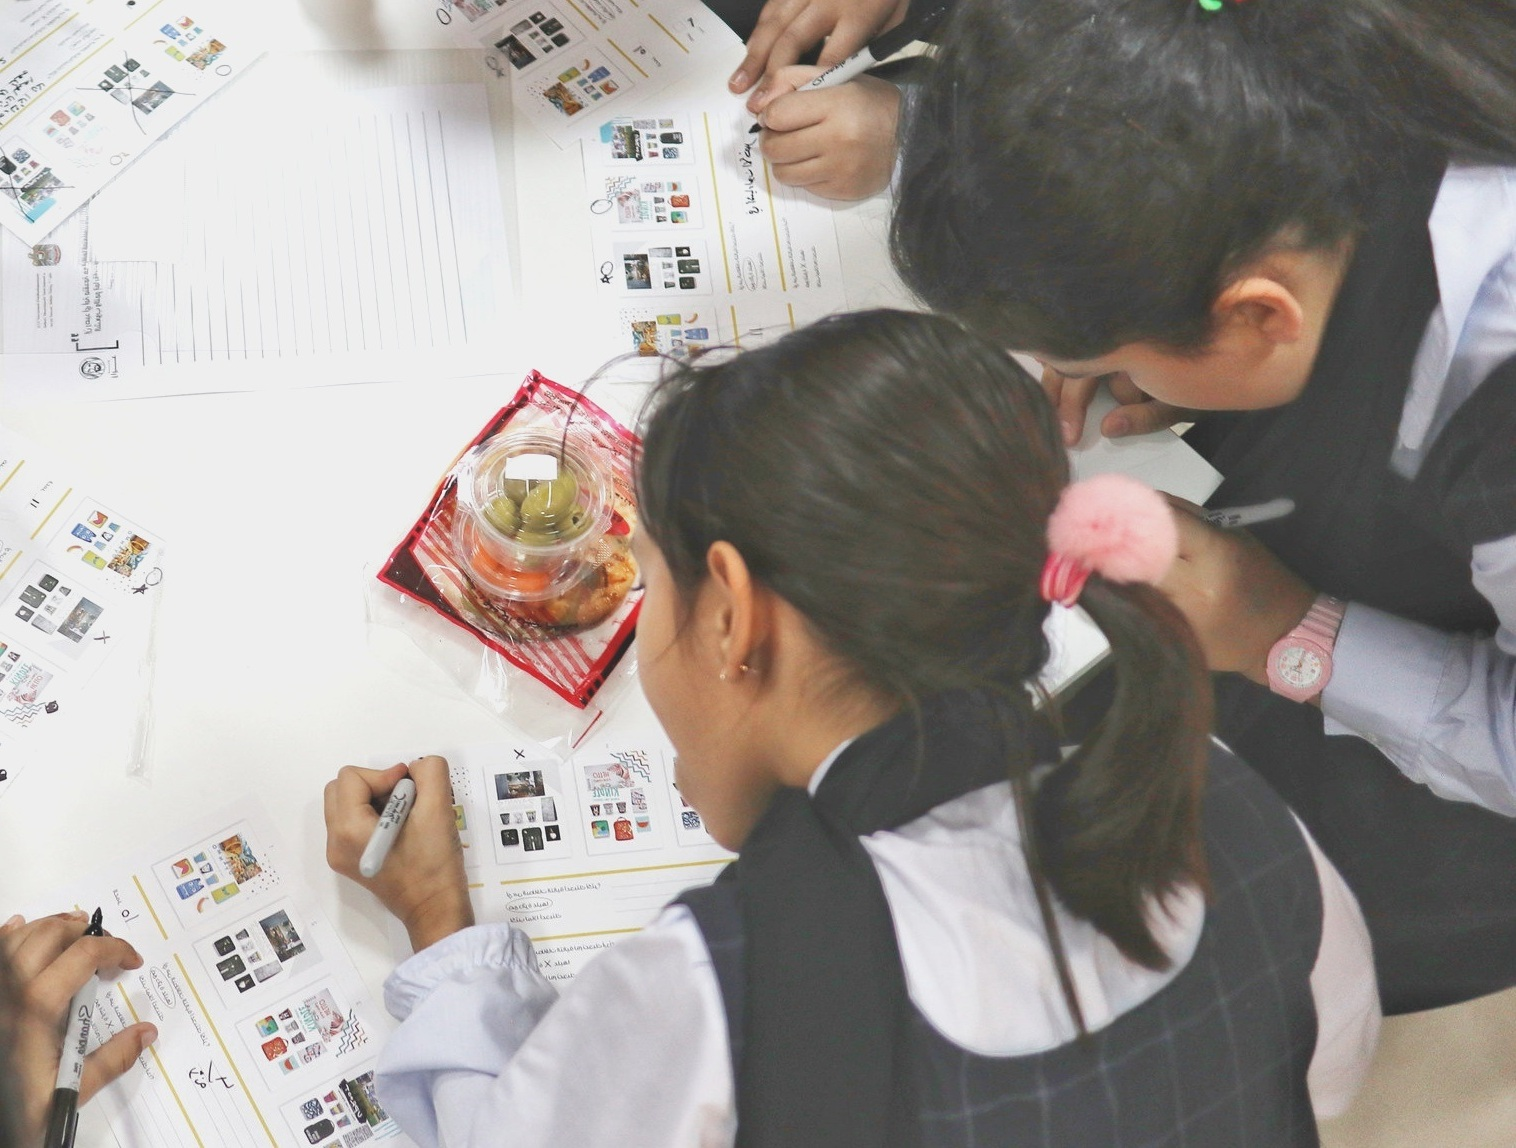 كيف يمكننا تغيير عقليّة ونظرة شباب وأطفال دولة الإمارات فيما يتعلّق بالغذاء؟ -